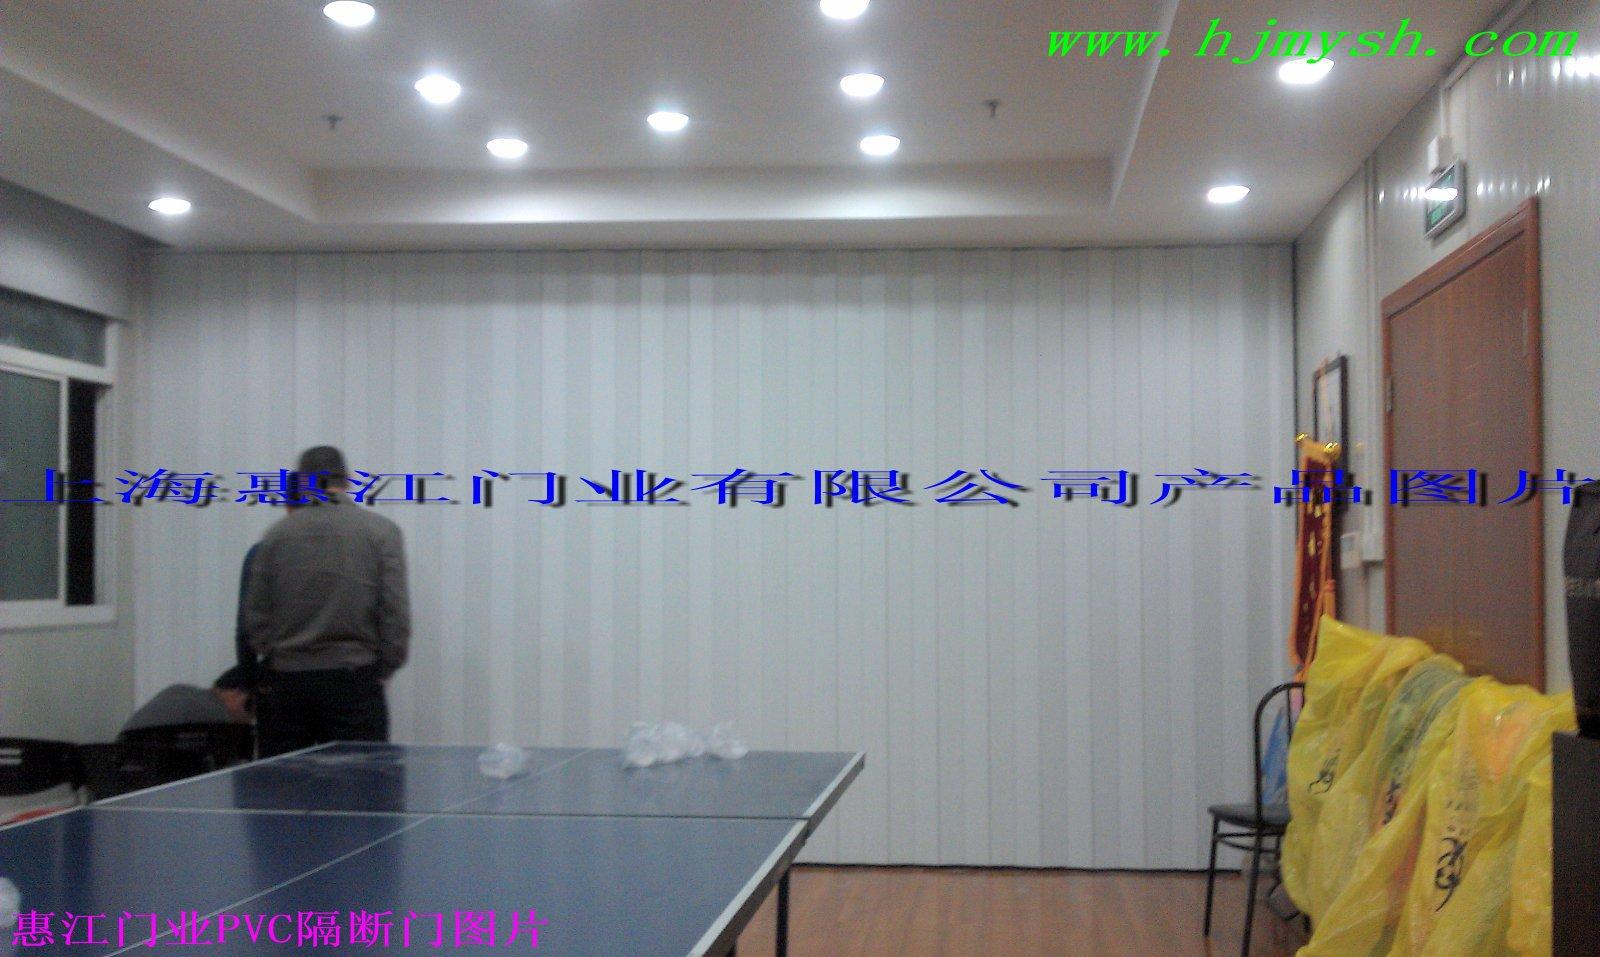 PVC折叠隔断图片8